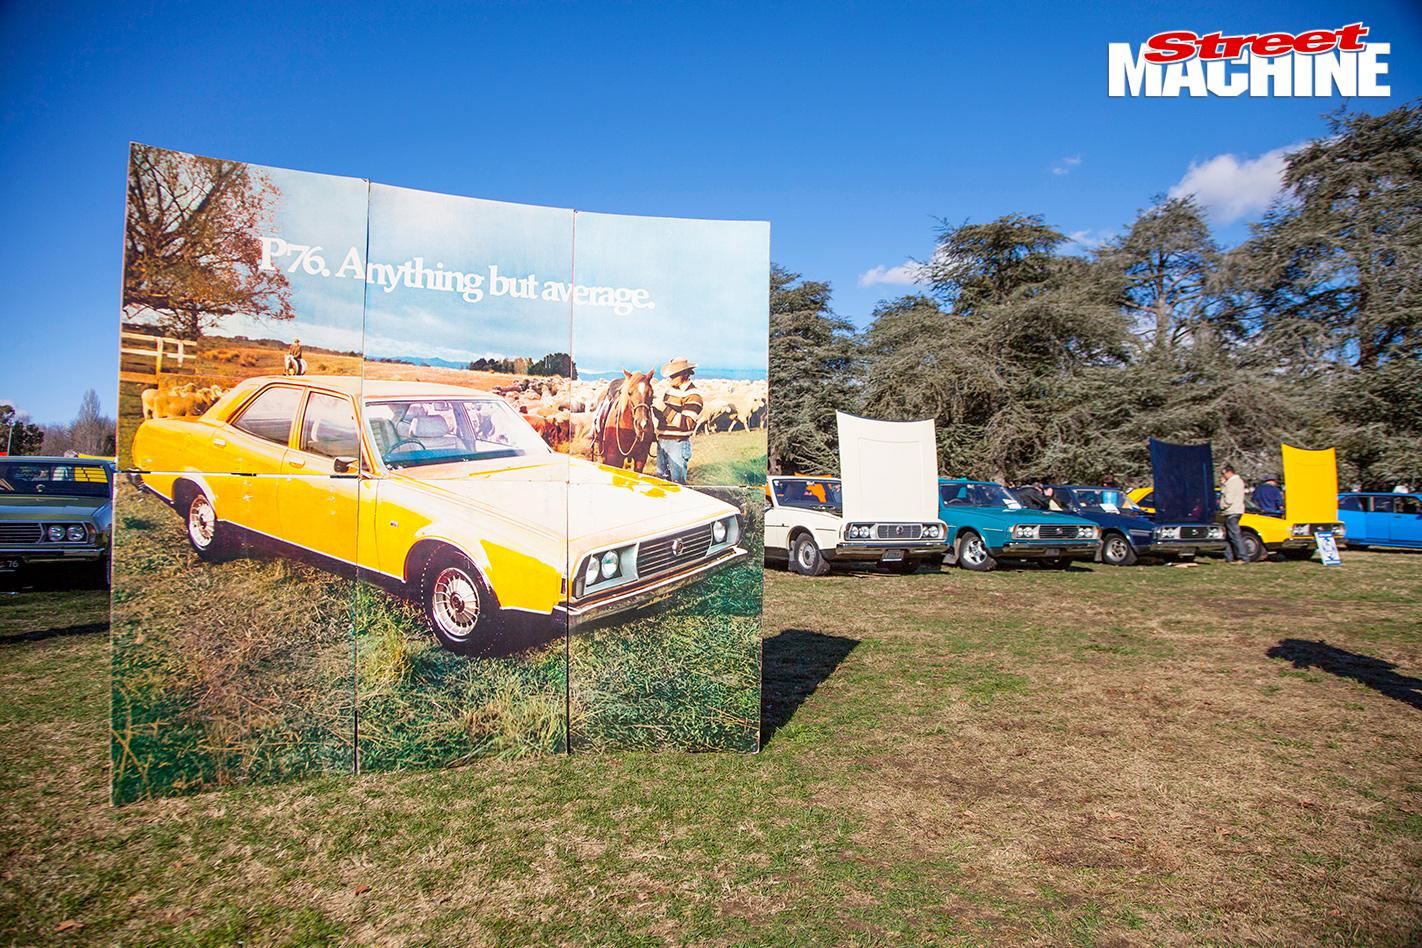 Leyland -P76-40th -anniversary -4